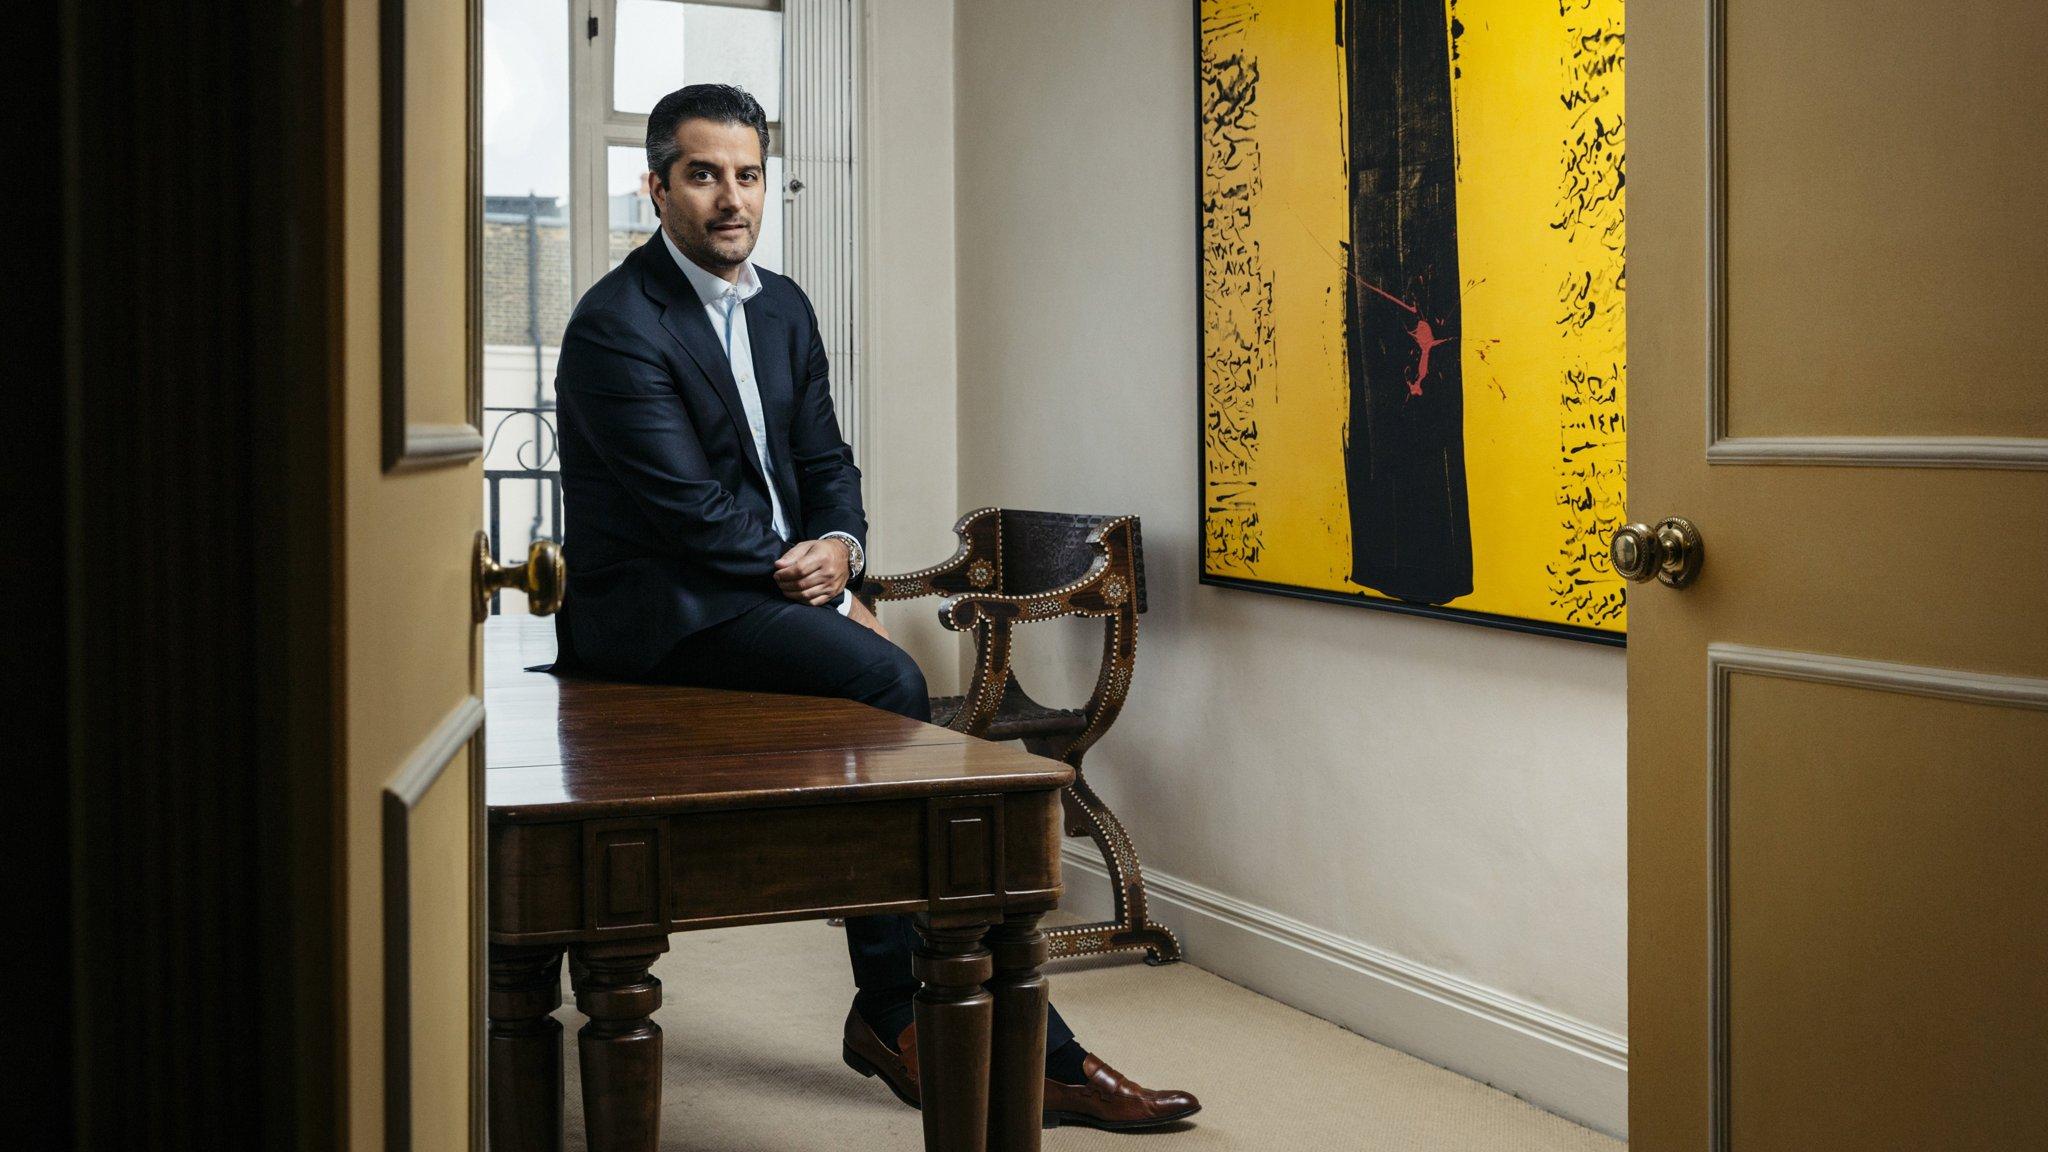 Mohammed Afkhami